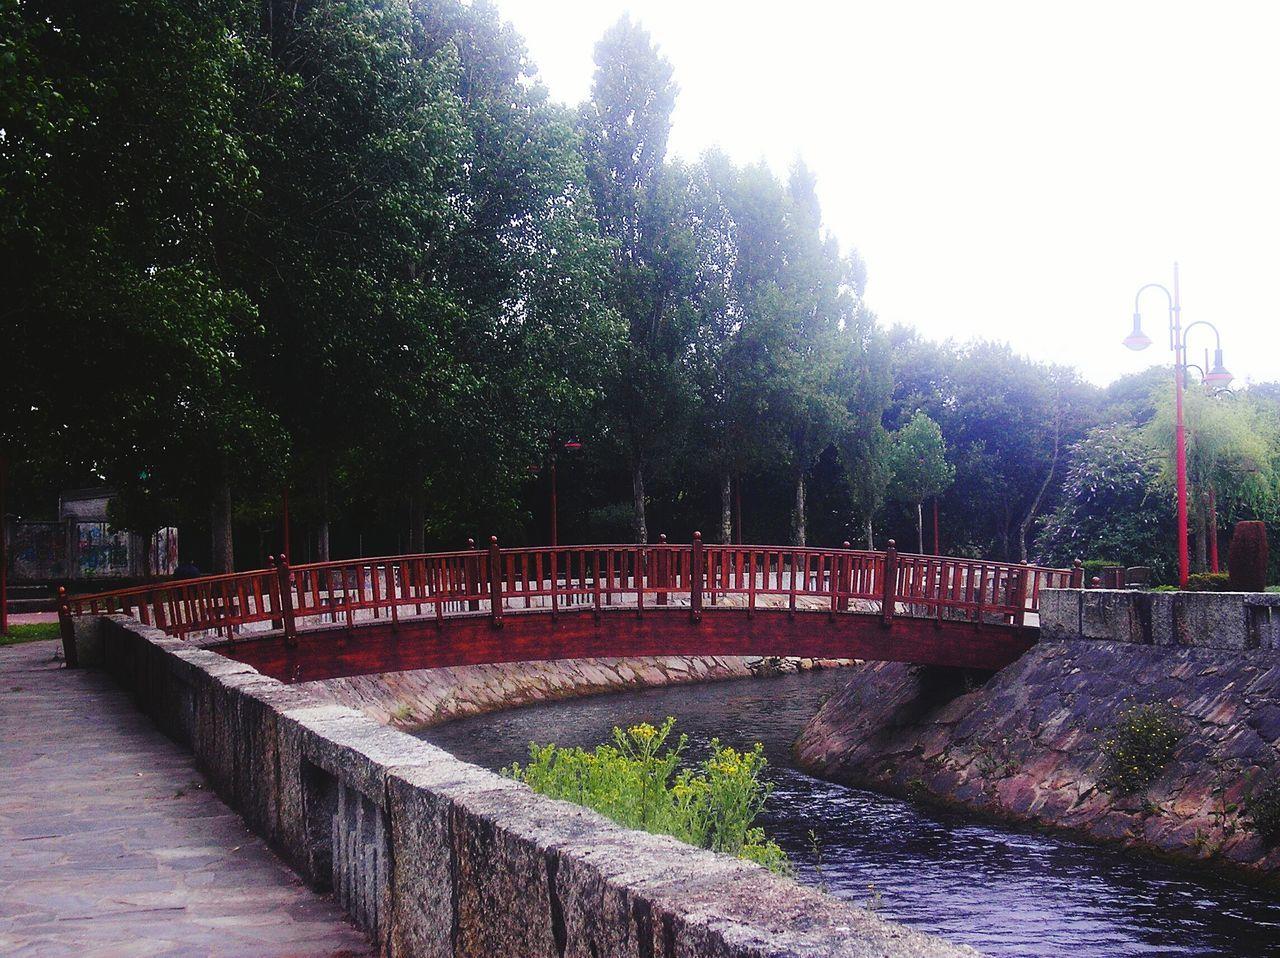 Carballo Galicia, Spain Galicia Galiciameiga Agua Rio Arroyo Piedra Puente Puentes